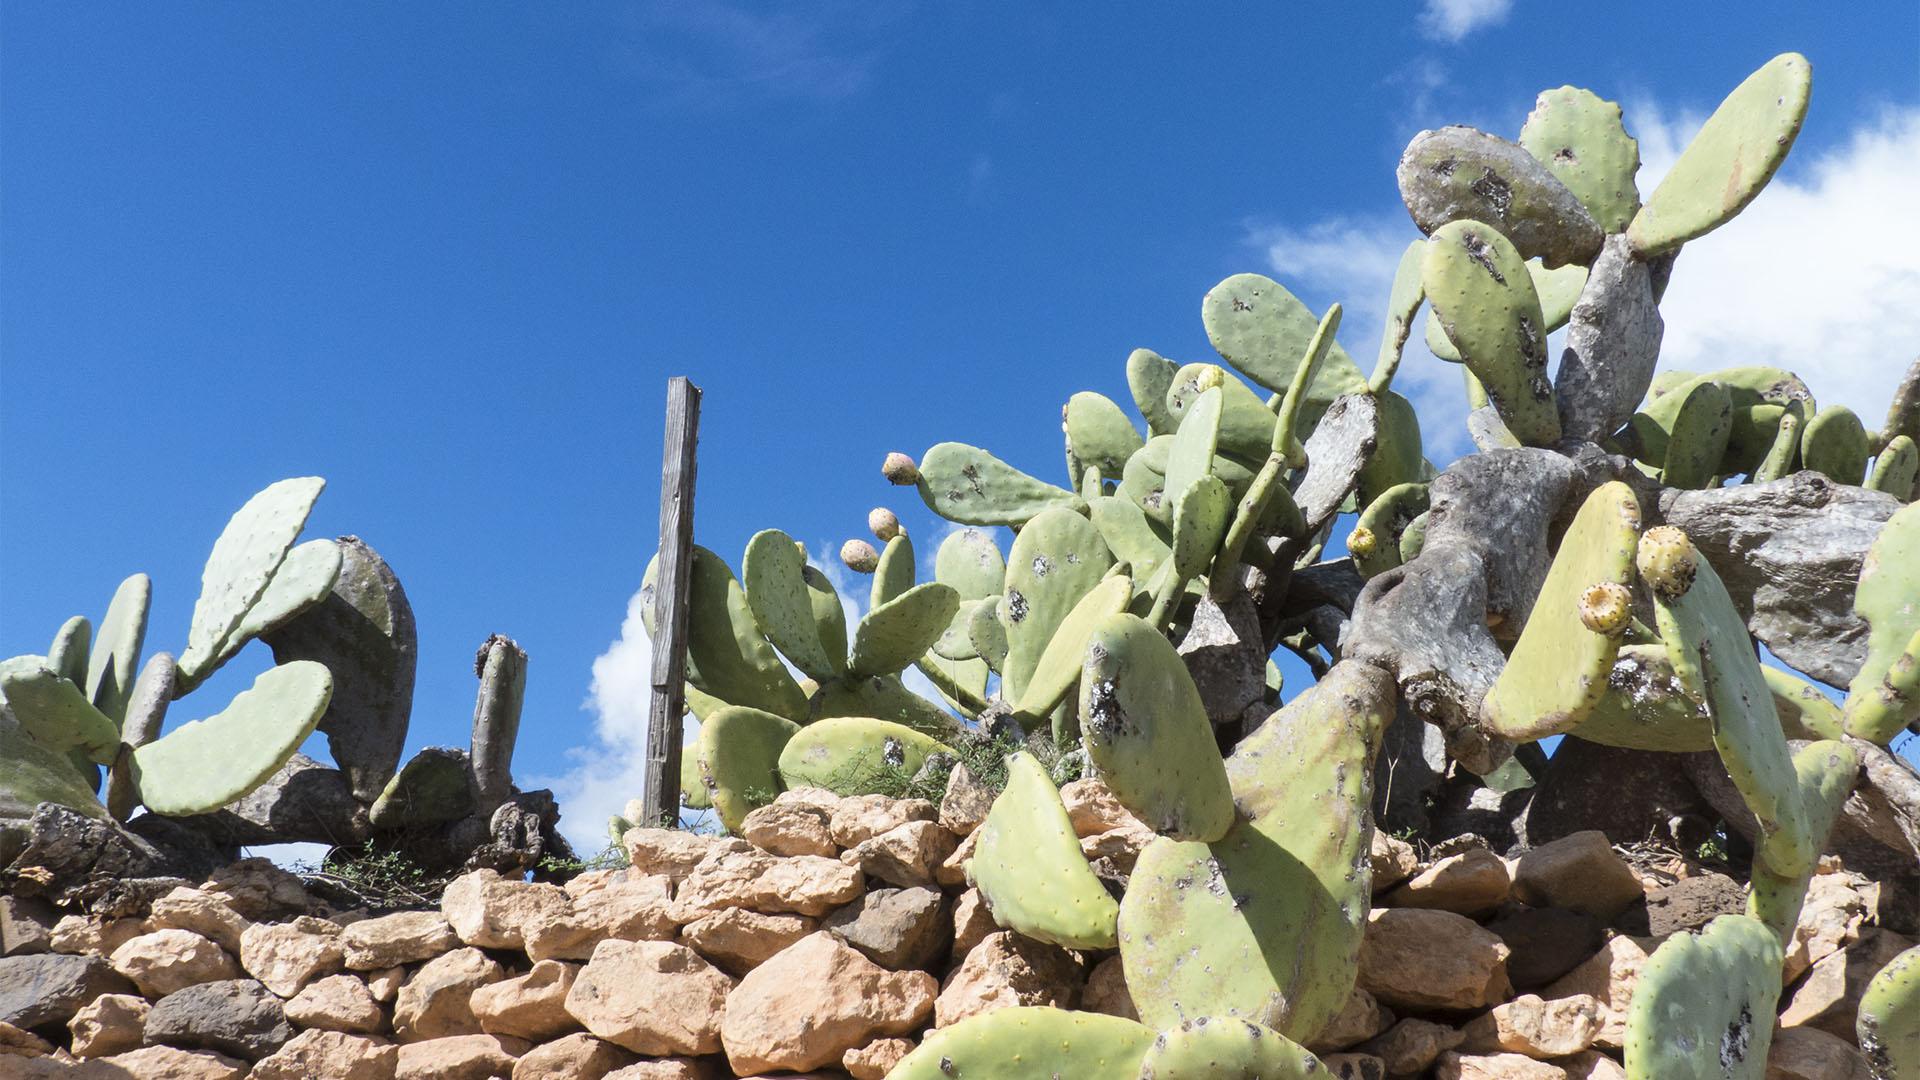 Der Ort Valles de Ortega Fuerteventura: Opuntien und deren Feigen in der Blüte.